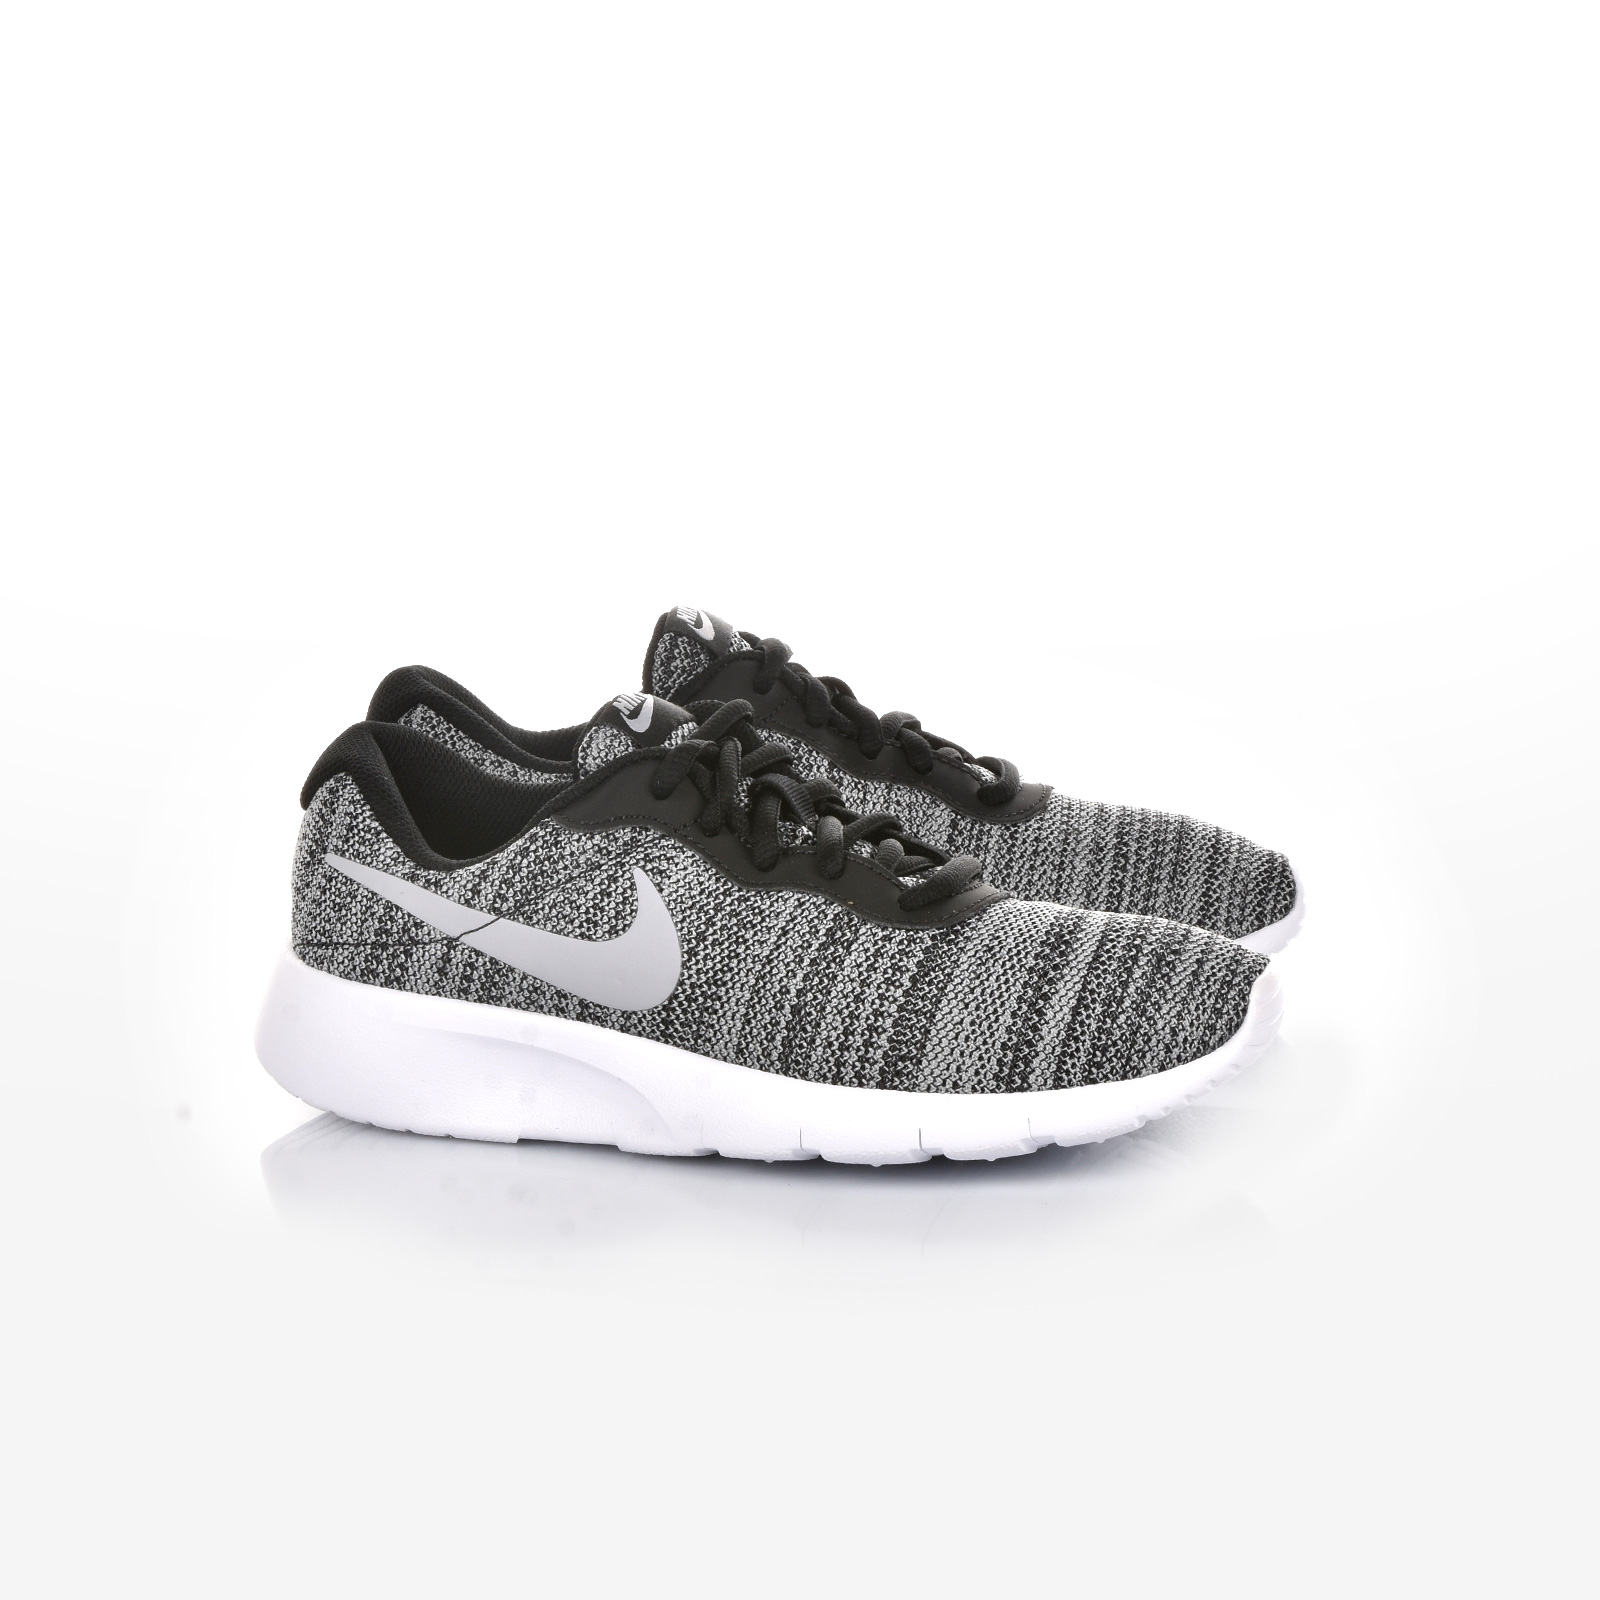 Sportcafe Nike – NIKE TANJUN (GS) – BLACK WOLF GREY-WHITE 5606e706f39